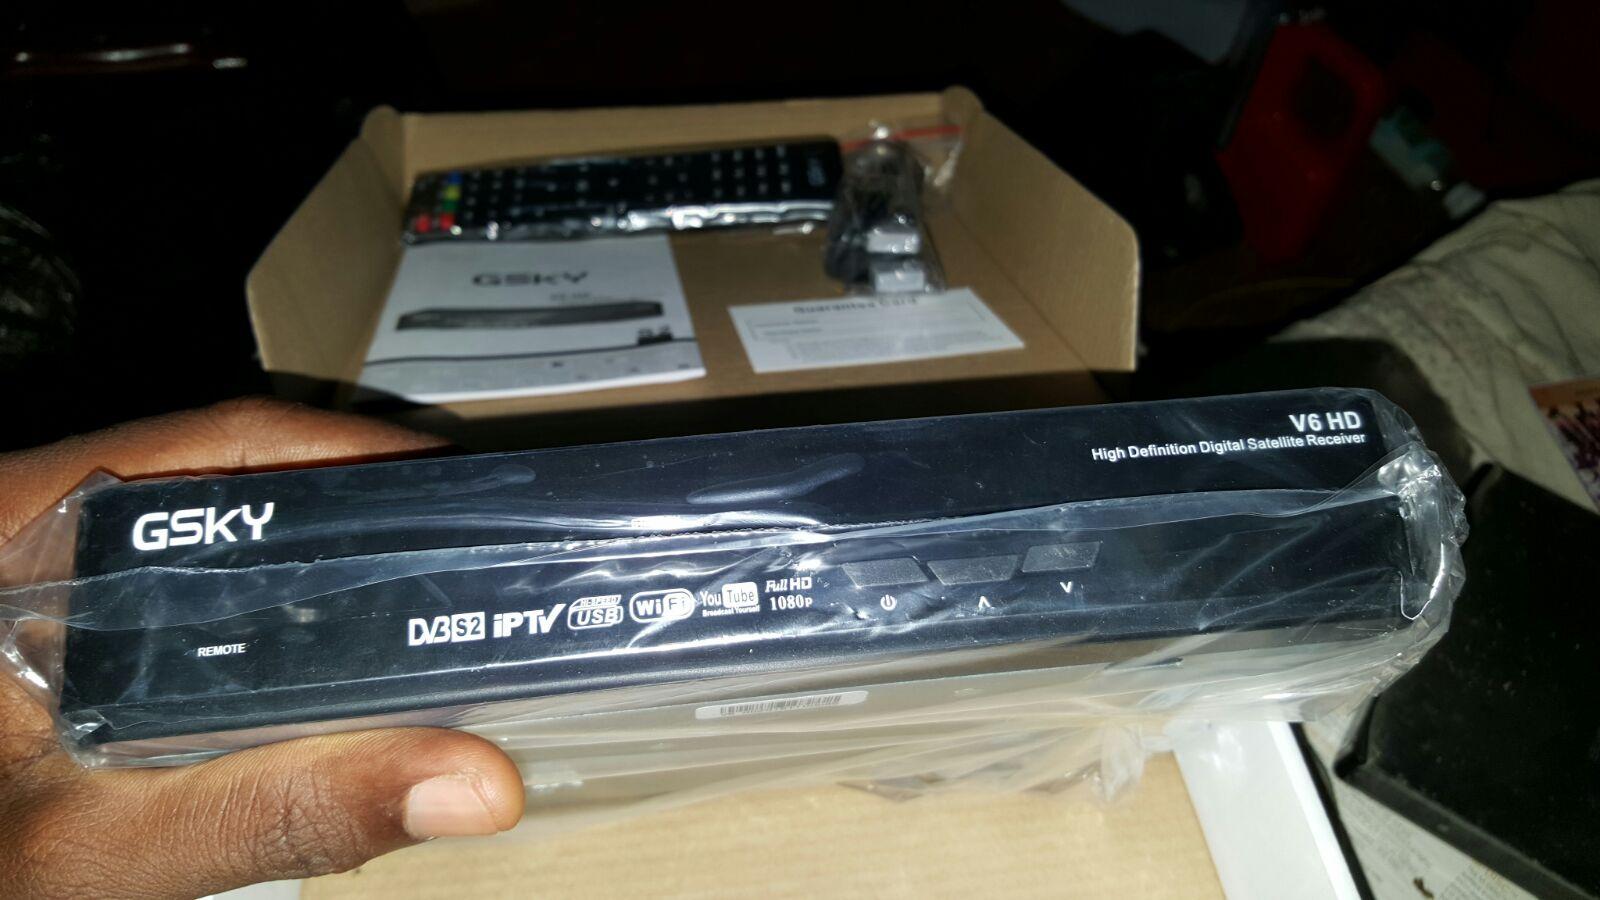 Auto Roll Fix for MTN Worldwide   HBO Sony   Sport24(34 5W) on GSKY